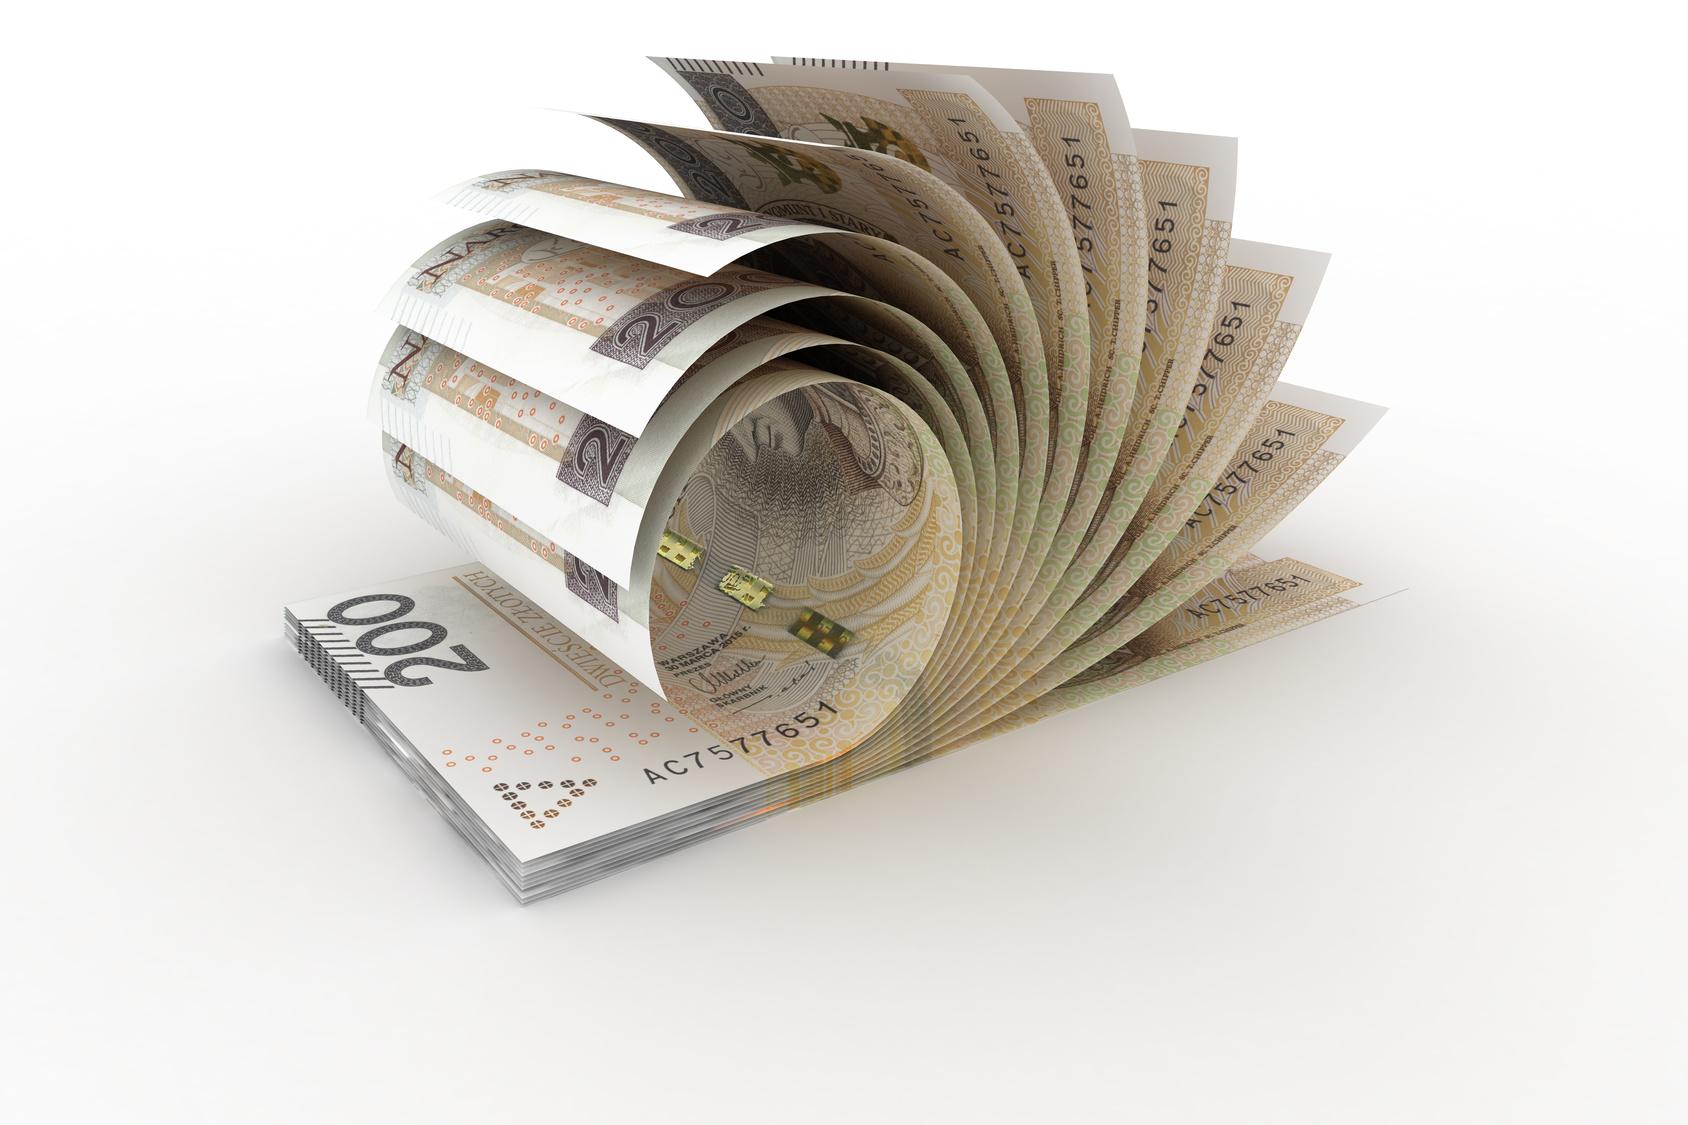 kredyt,raty,finansowanie operacji,bank,pożyczka